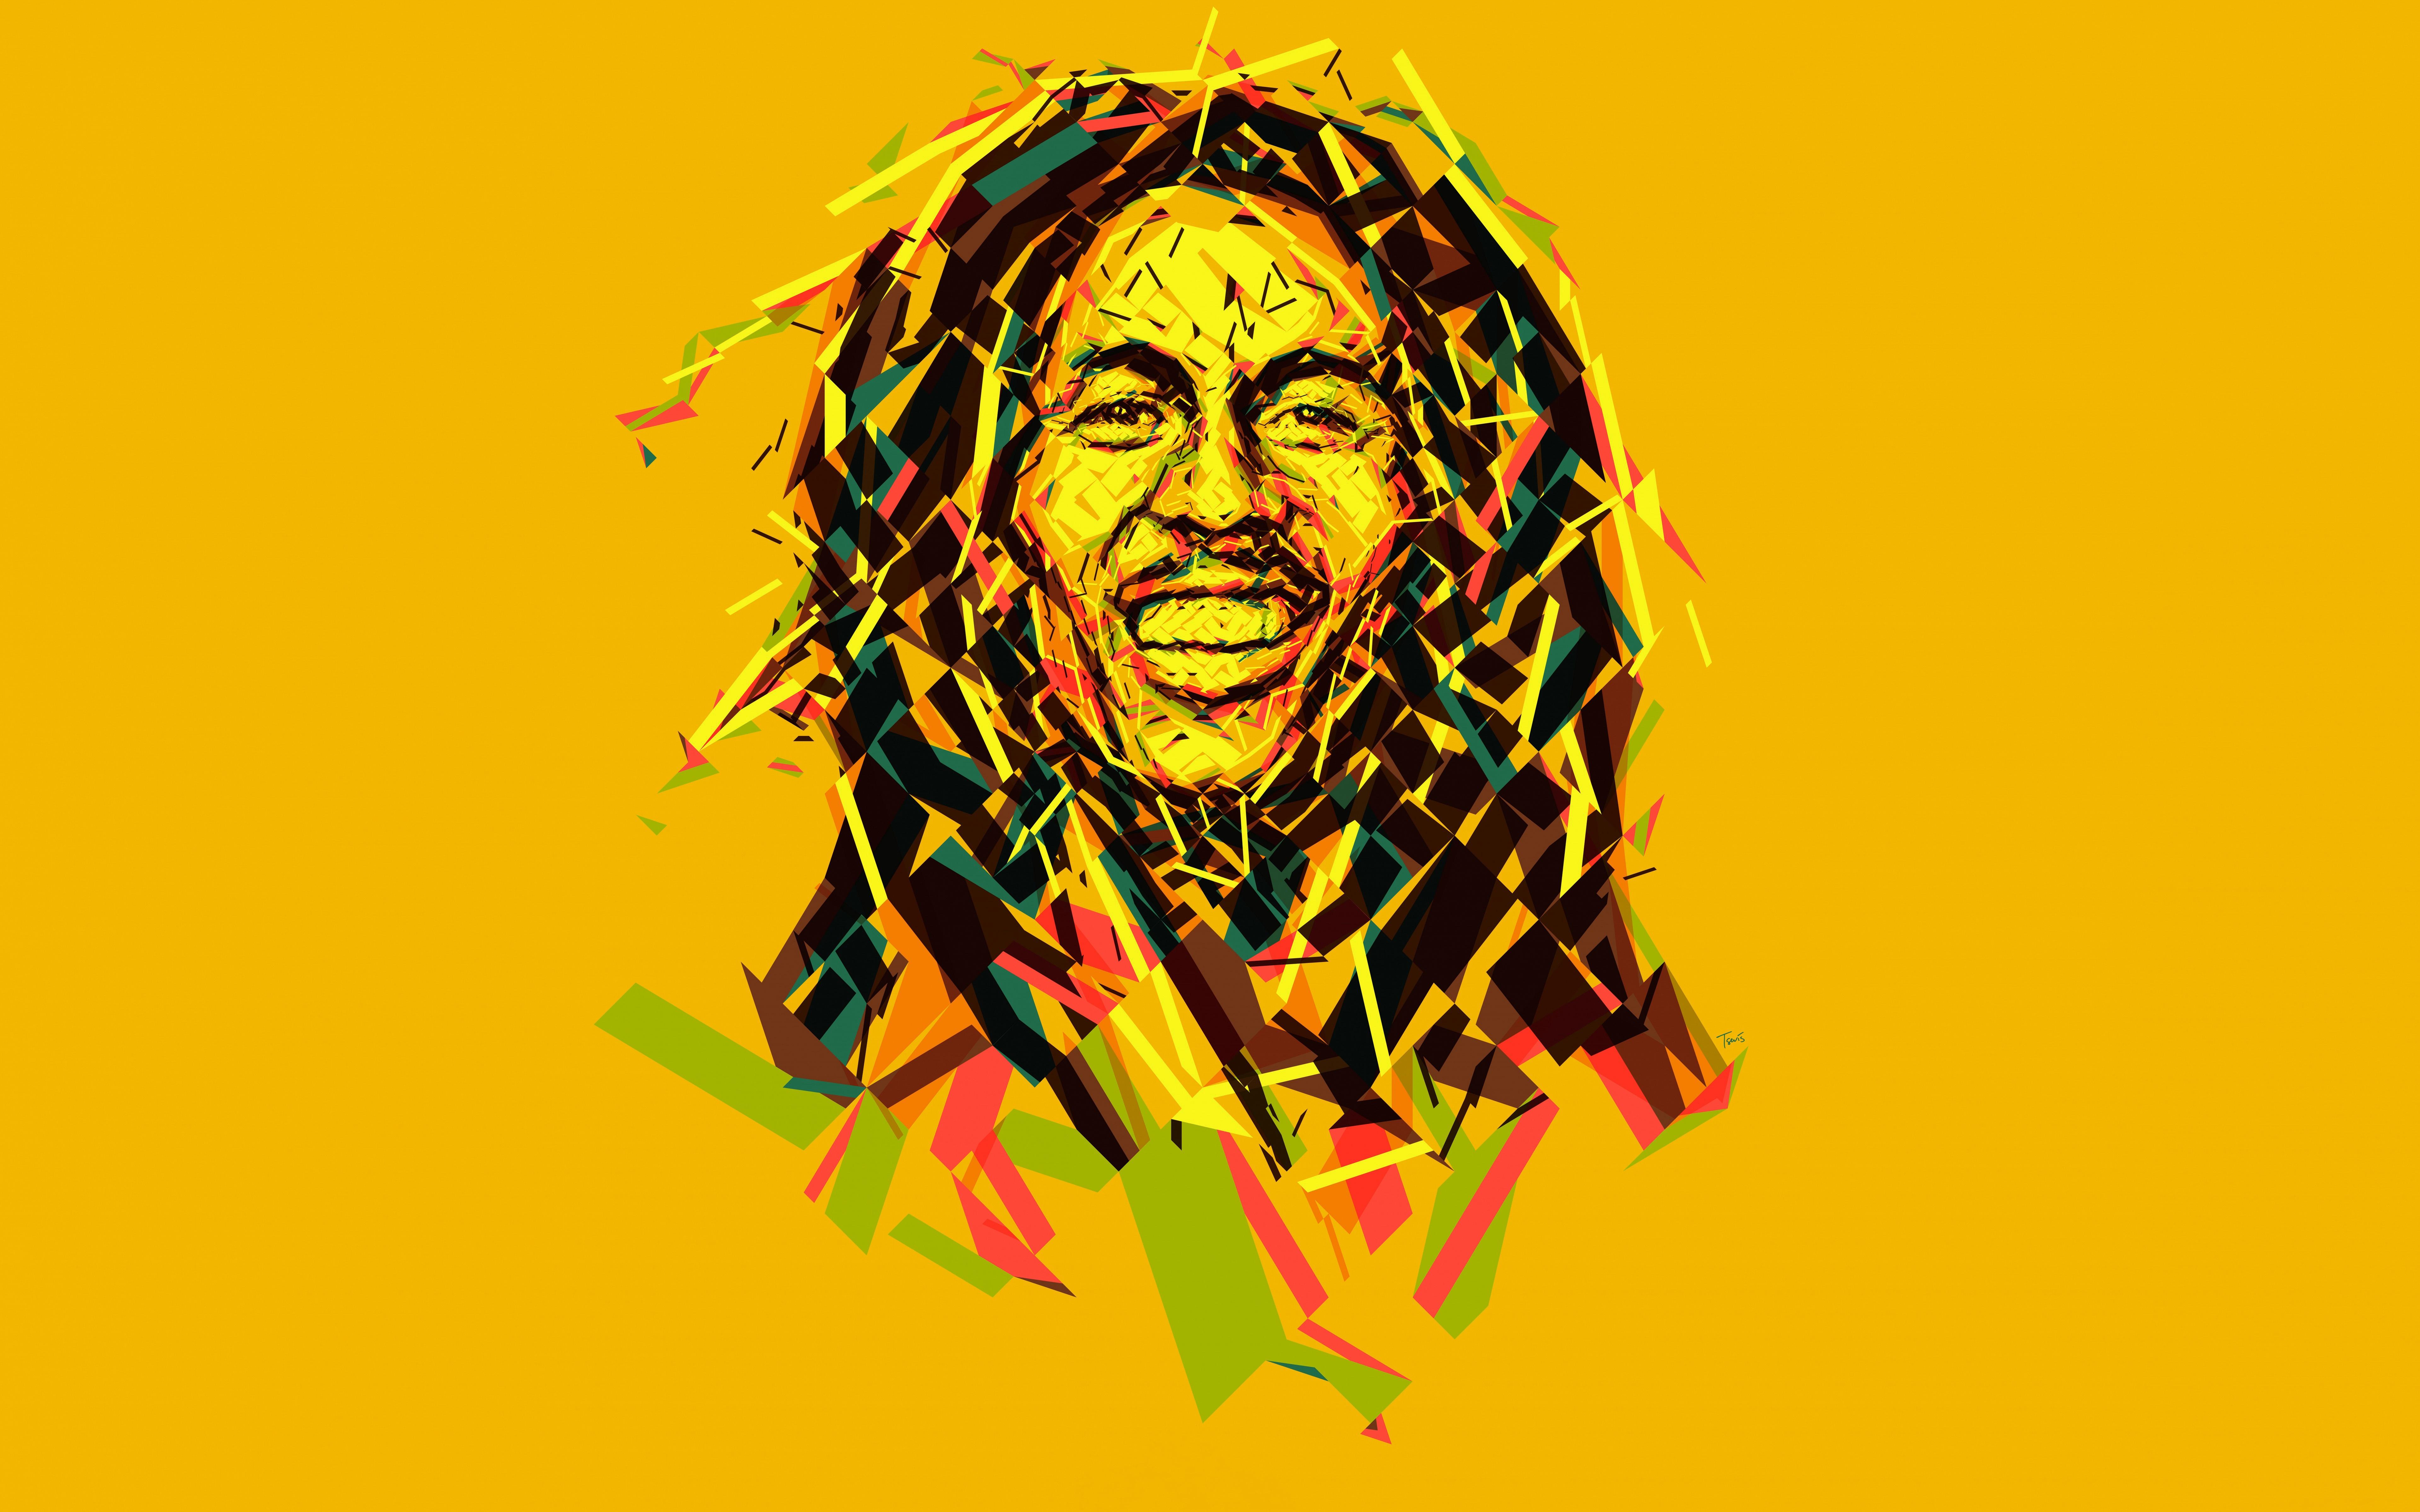 Bob Marley Abstract Artwork 8k Hd Music 4k Wallpapers Images